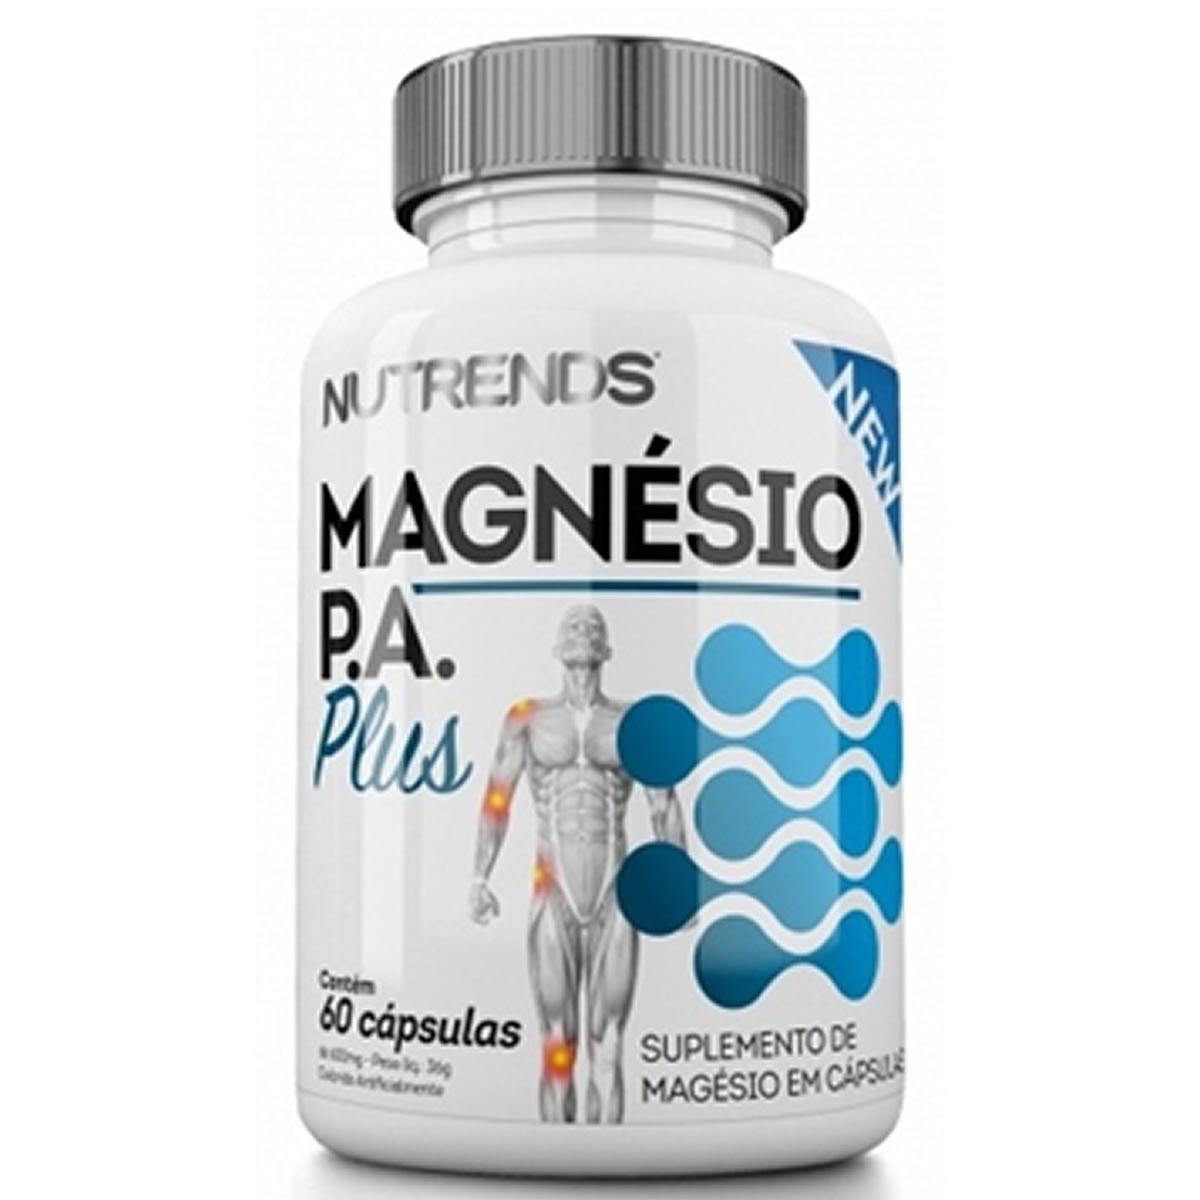 Magnesio P.A Plus 60 Cápsulas - Nutrends